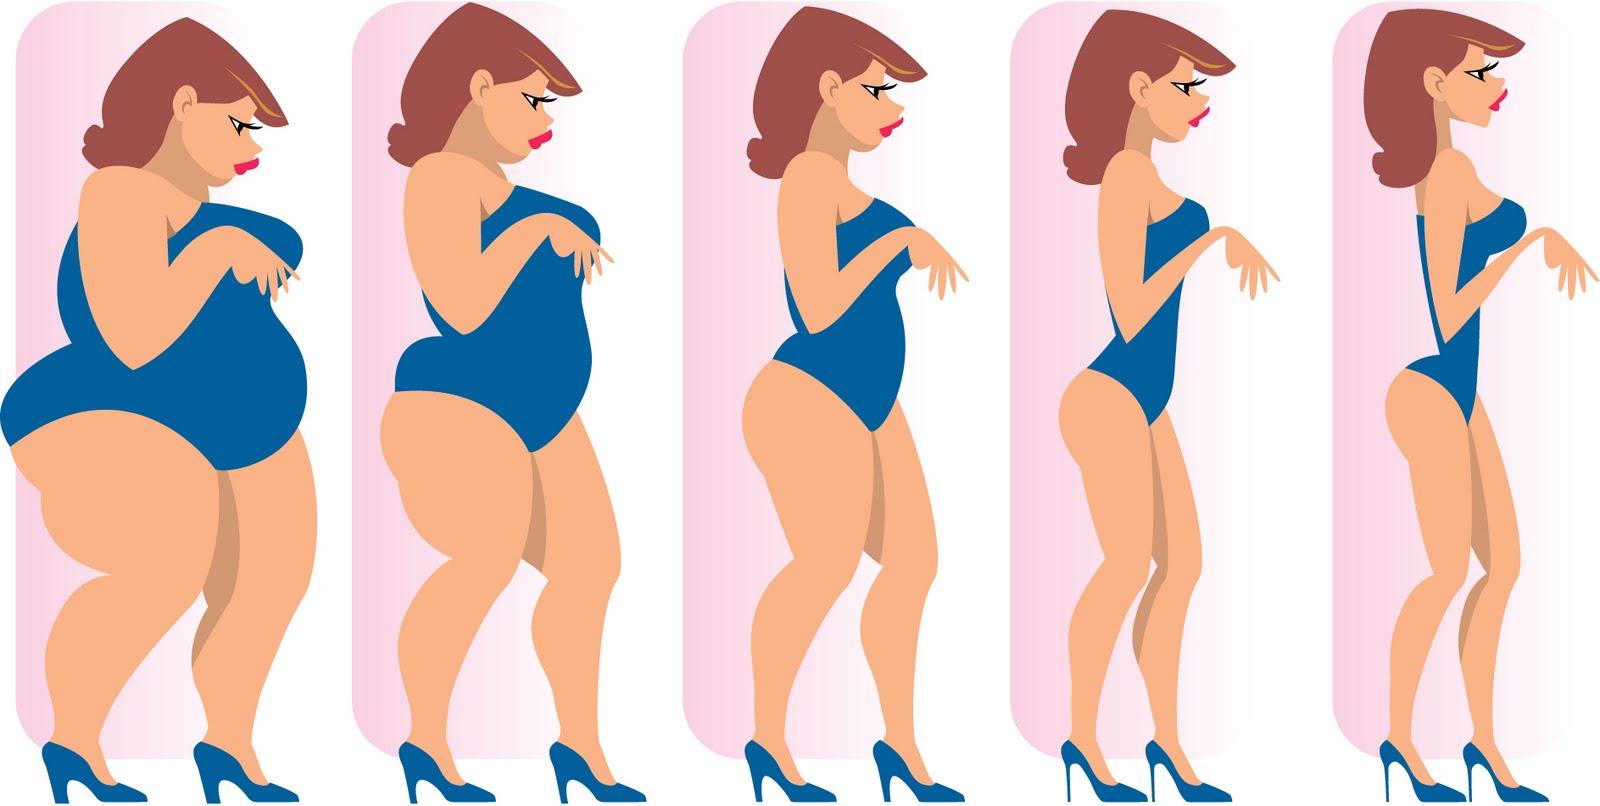 Fogyás rajz - Rajz, személyre szabott étrend fogyás nélkül kapható